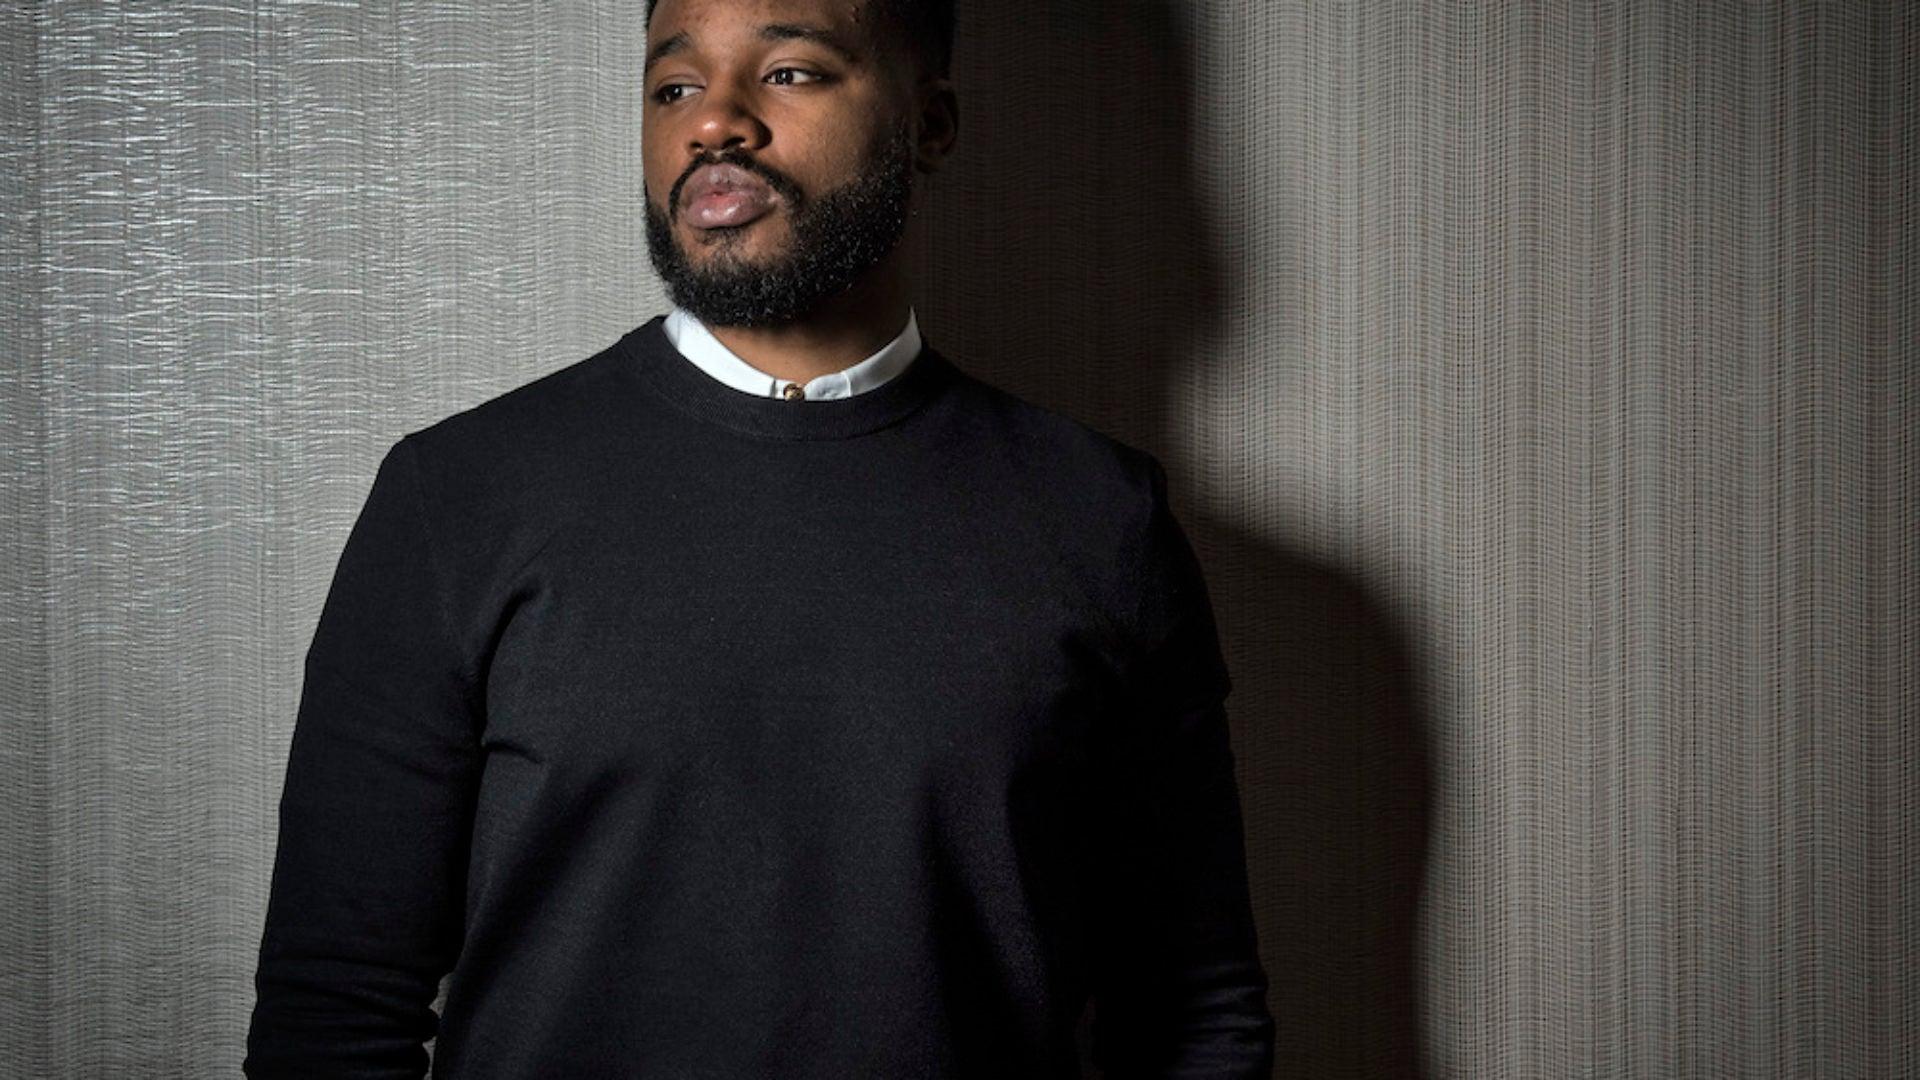 Ryan Coogler Is Back For 'Black Panther' Sequel